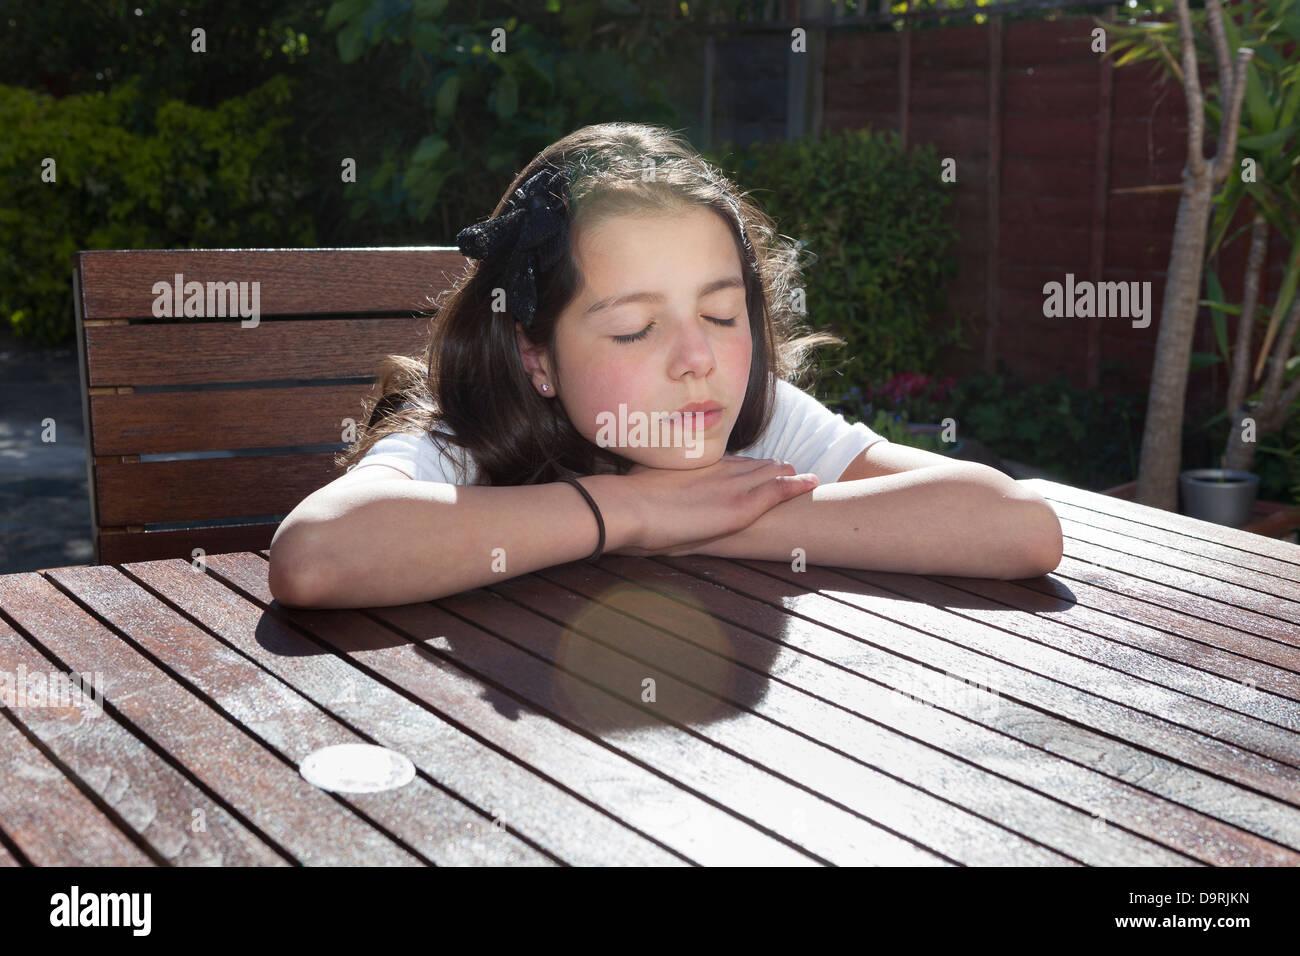 Junge Frau entspannt in der Sonne Stockbild